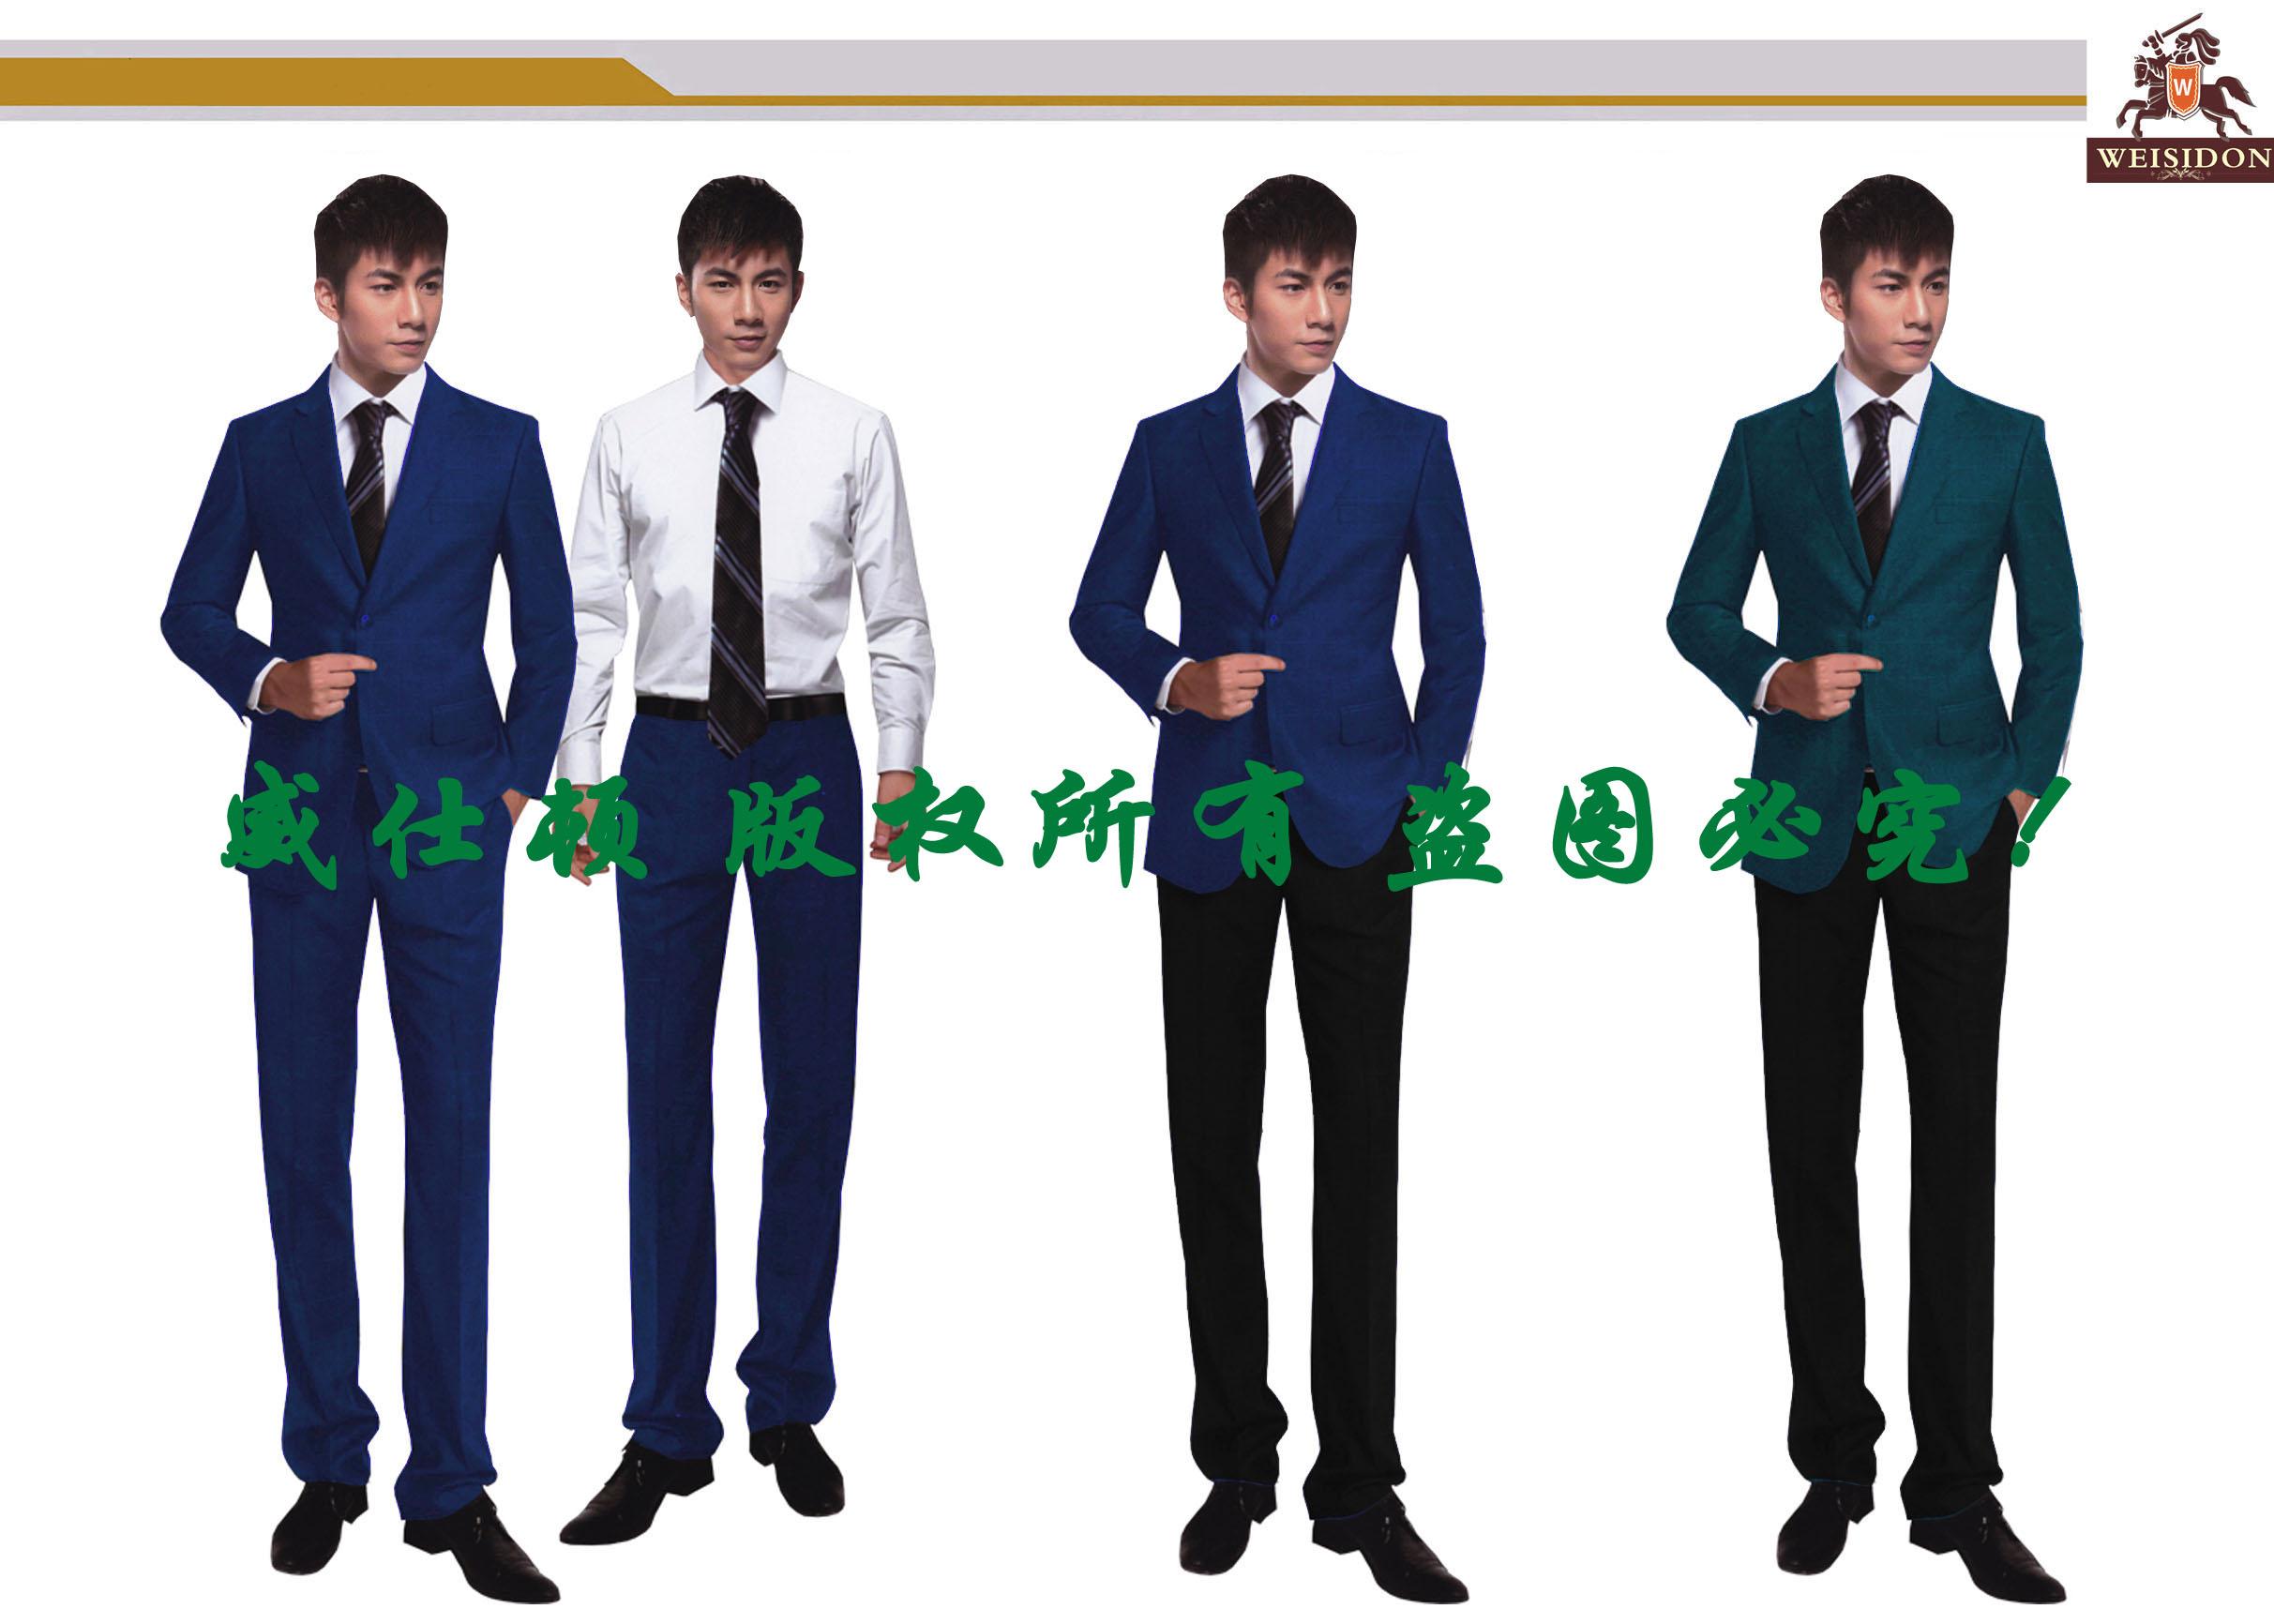 深圳订制西装